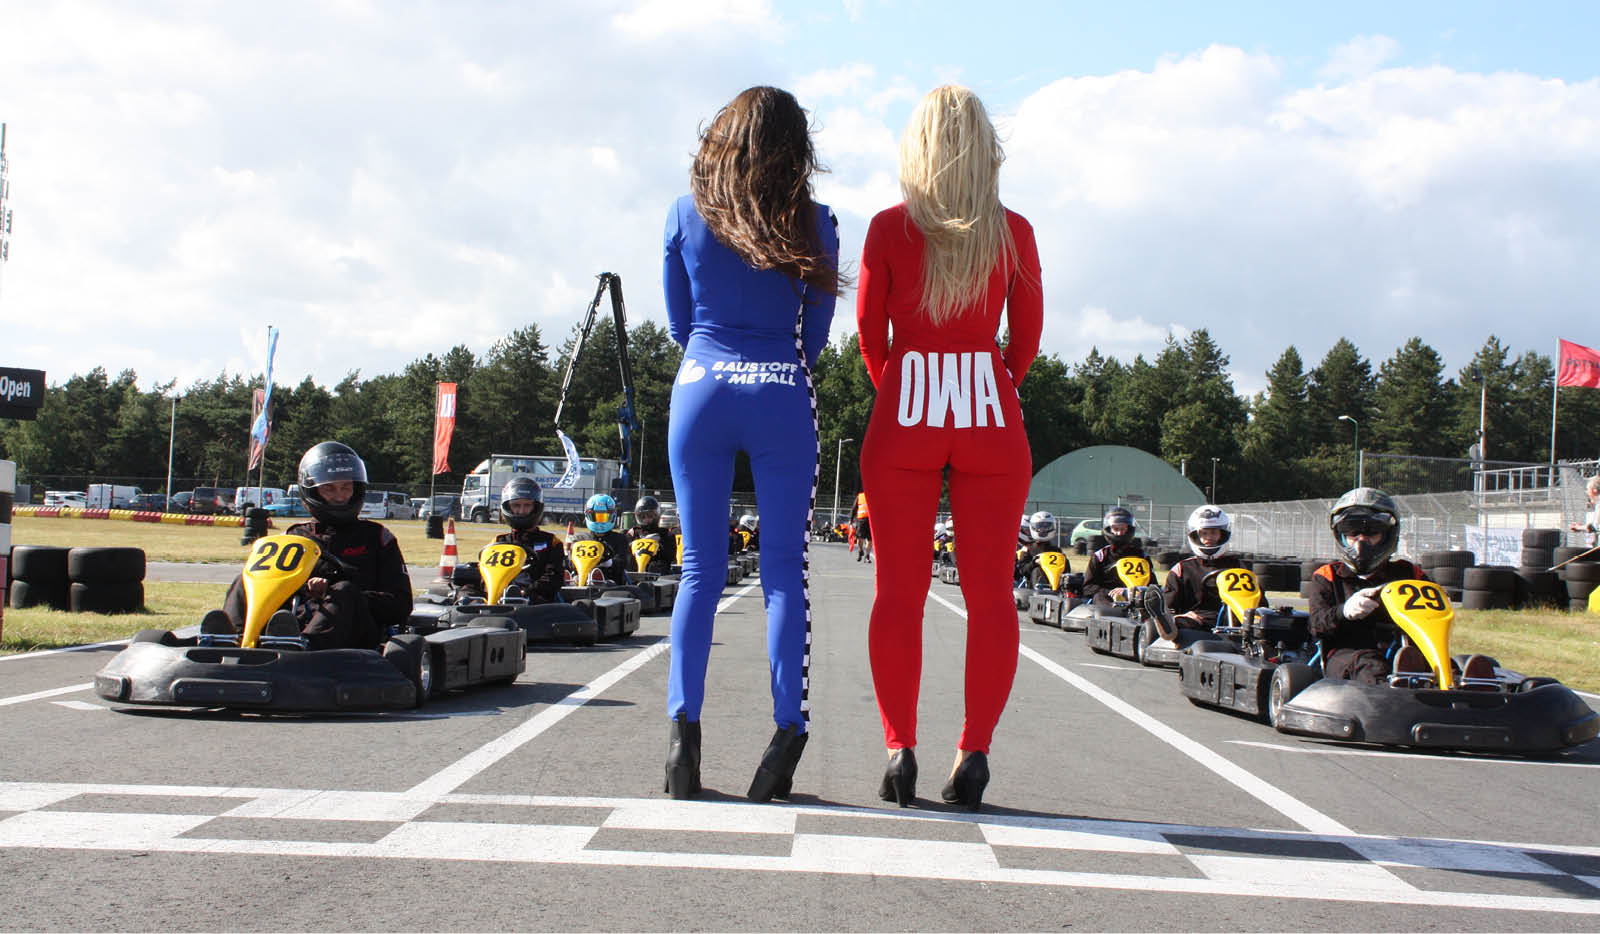 Sensationele Race Op Circuit Park Berghem Baustoff Metall De Specialist In De Droge Afbouwsector